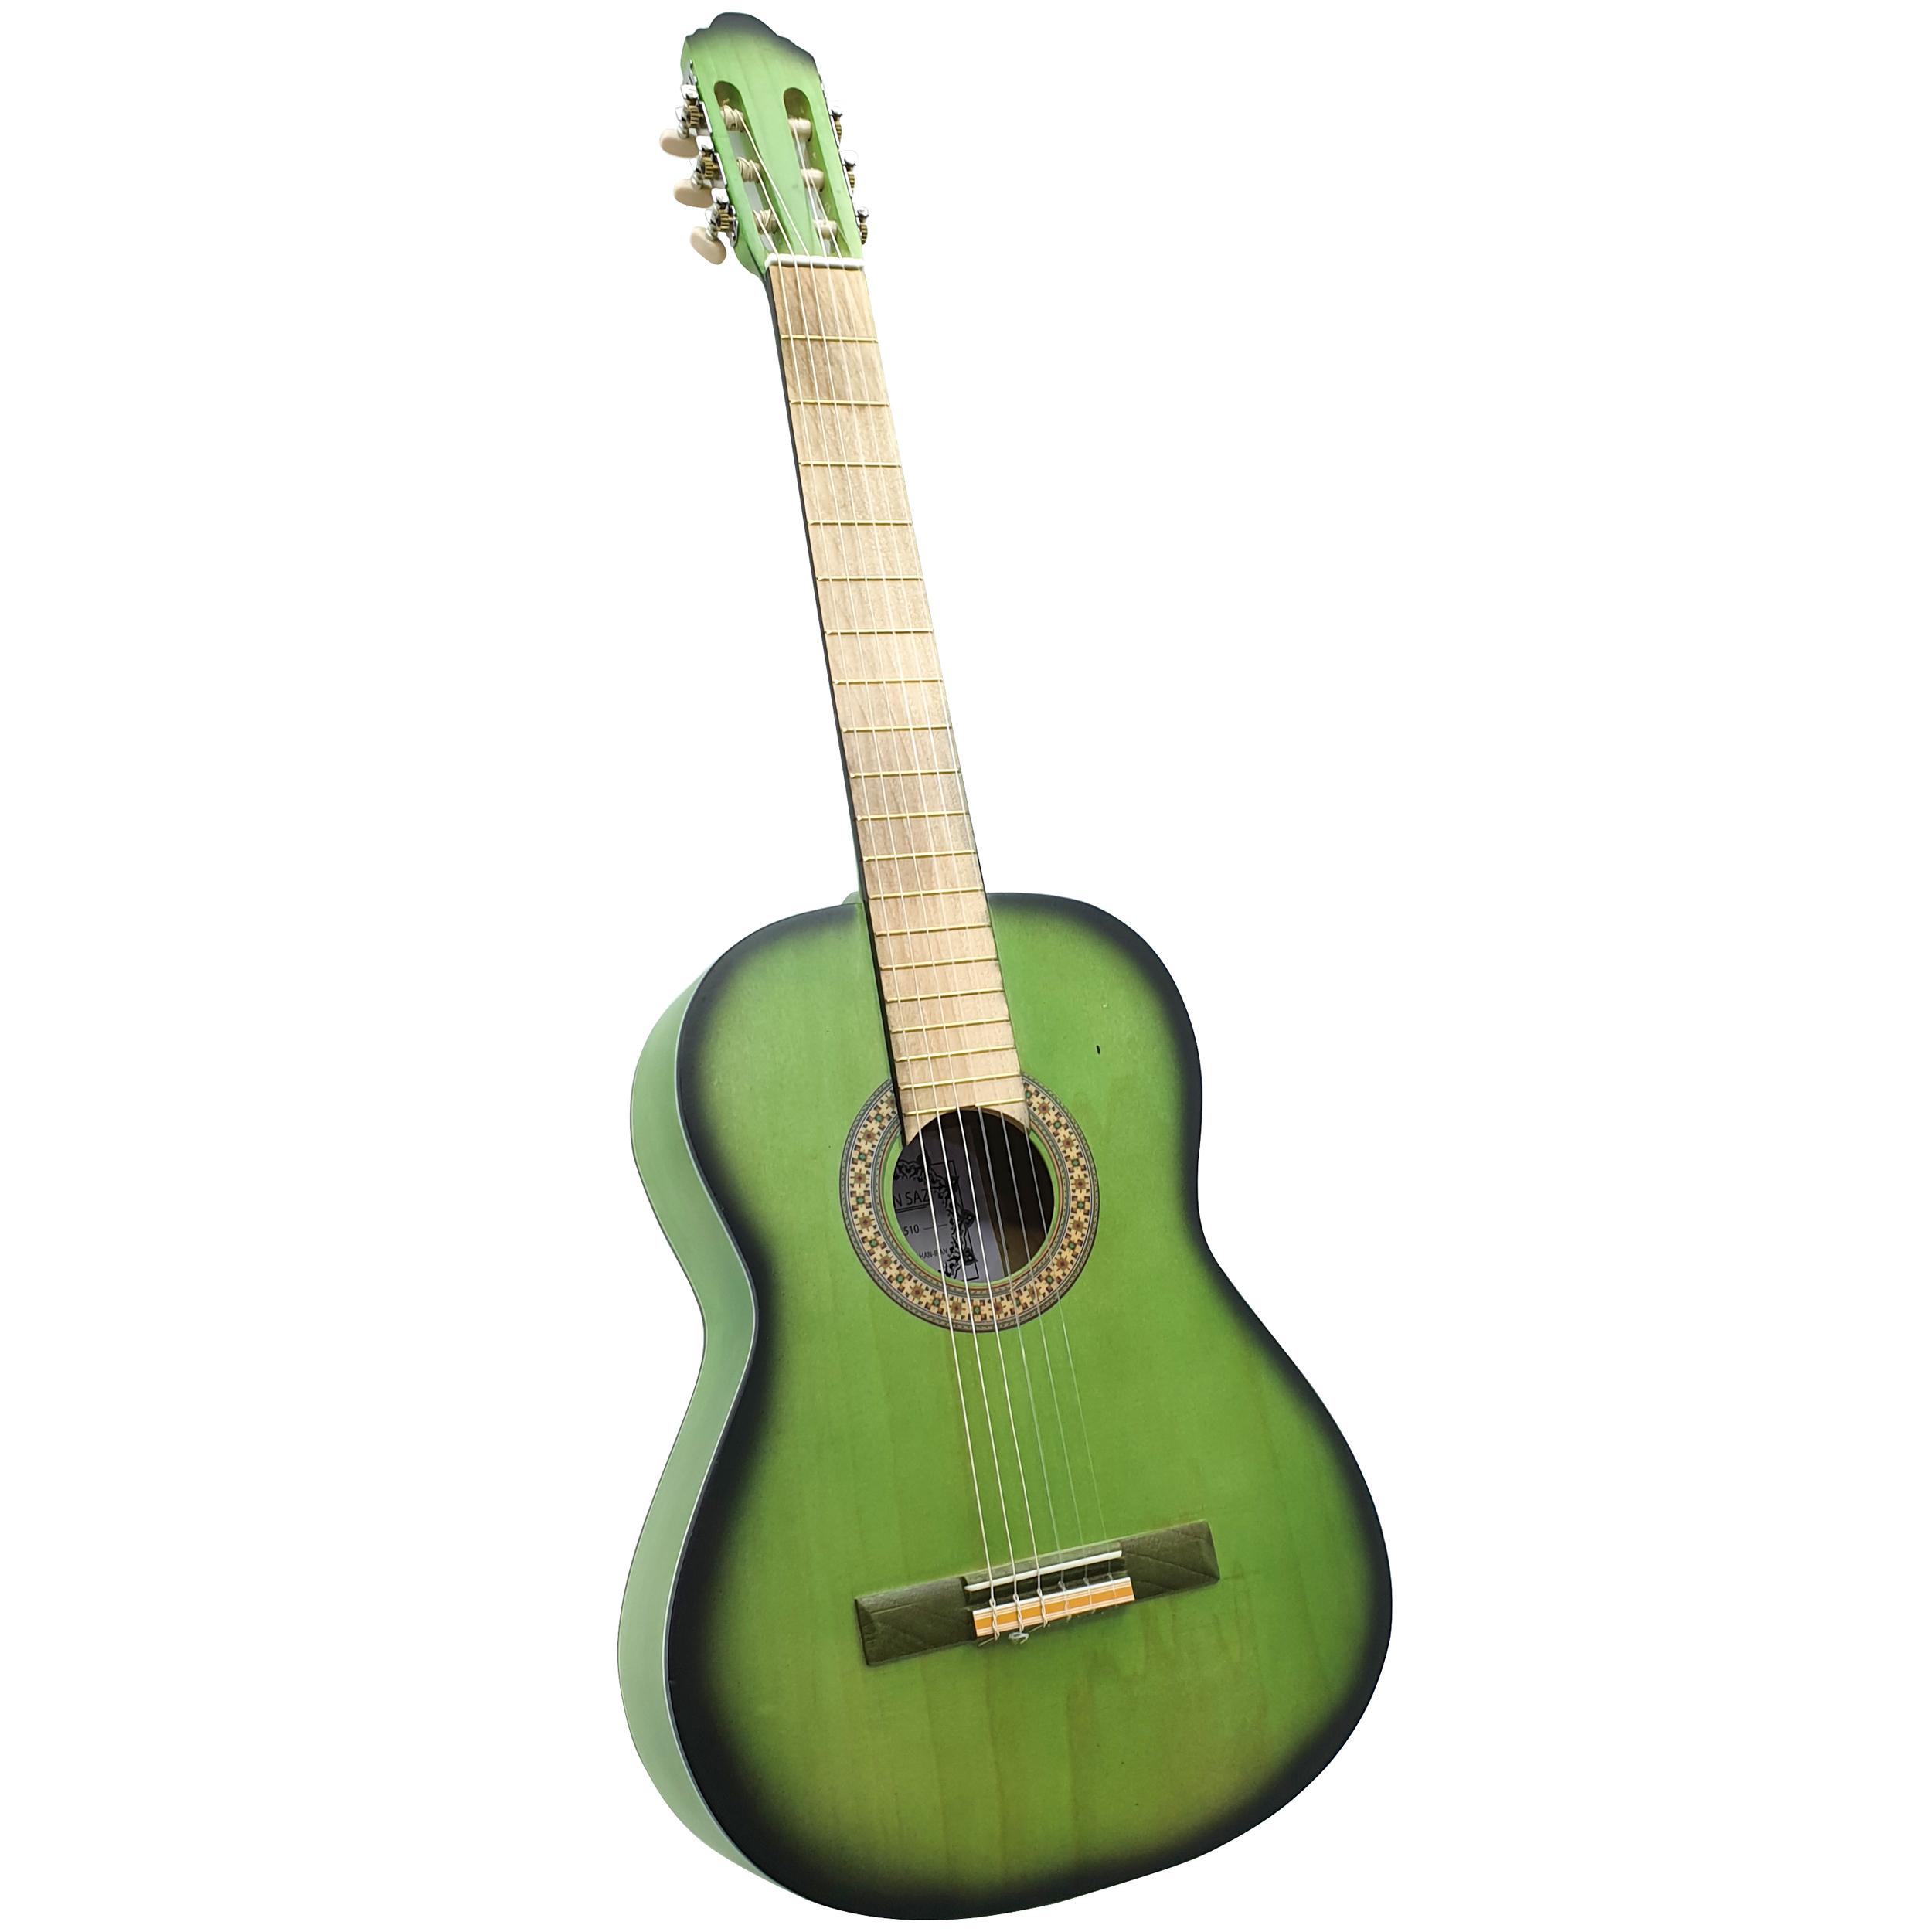 گیتار کلاسیک ایران ساز مدل G510- A10